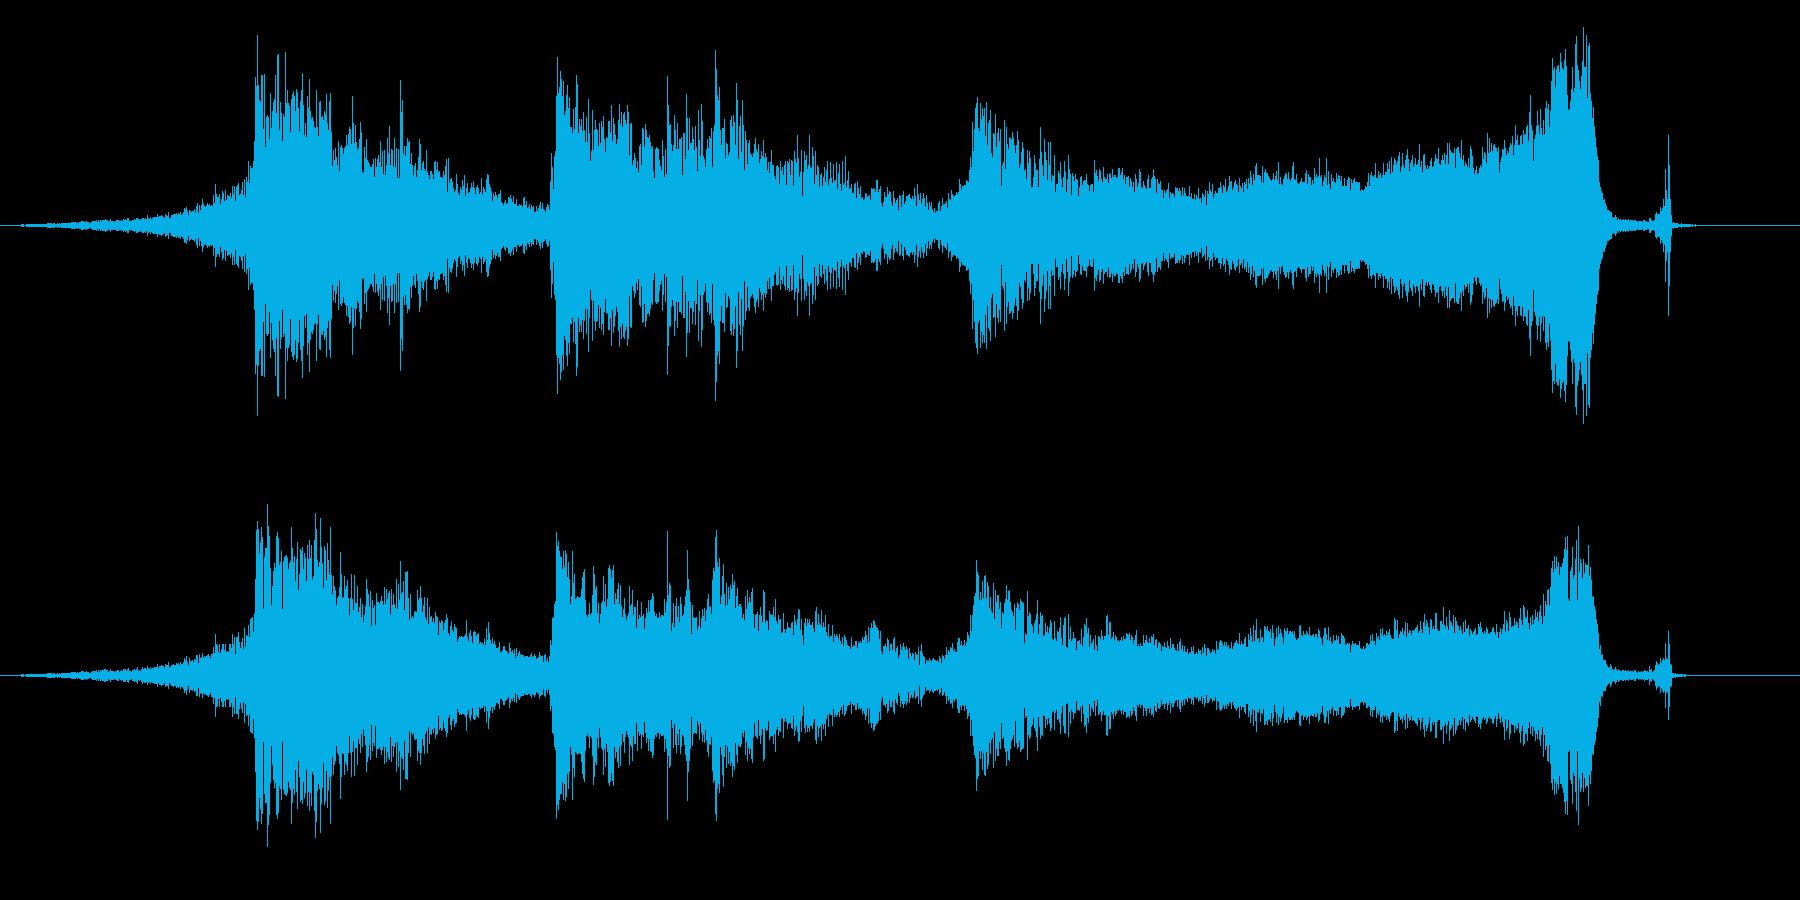 ホラー映画、ドラマ向き楽曲。効果音とし…の再生済みの波形